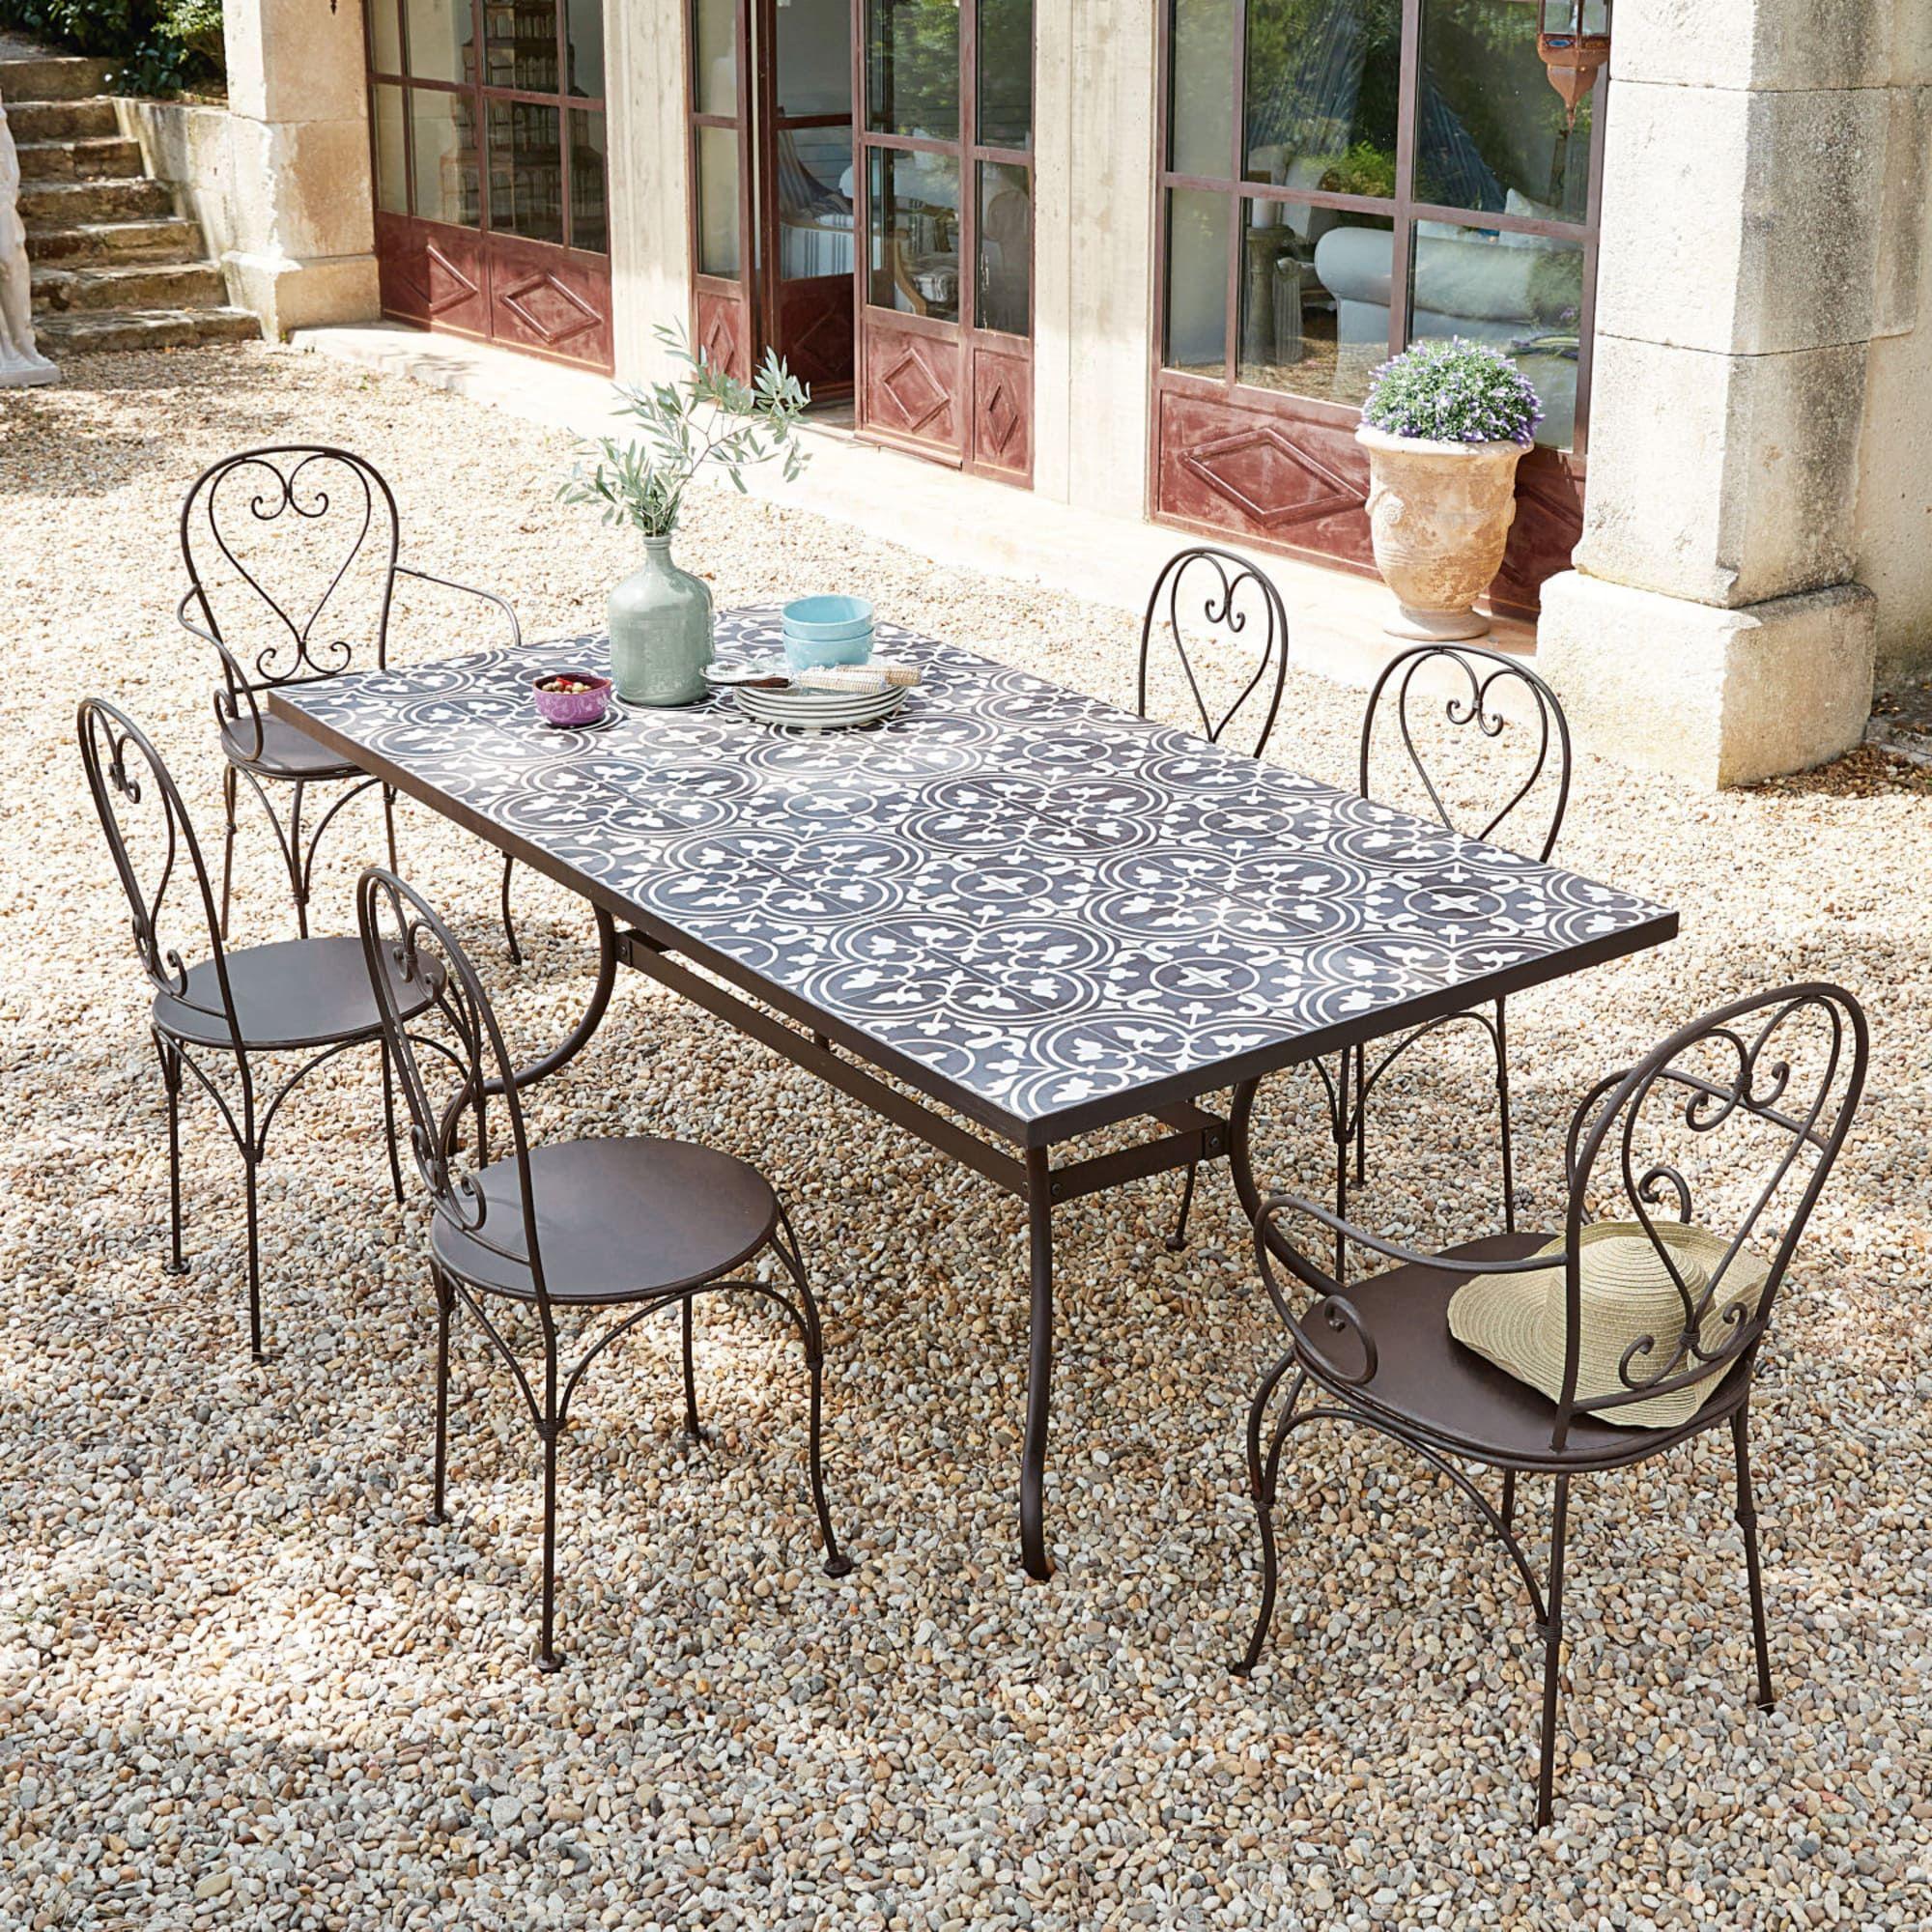 Salon De Jardin Carreau De Ciment table à manger en métal et carreaux de ciment 6/8 personnes